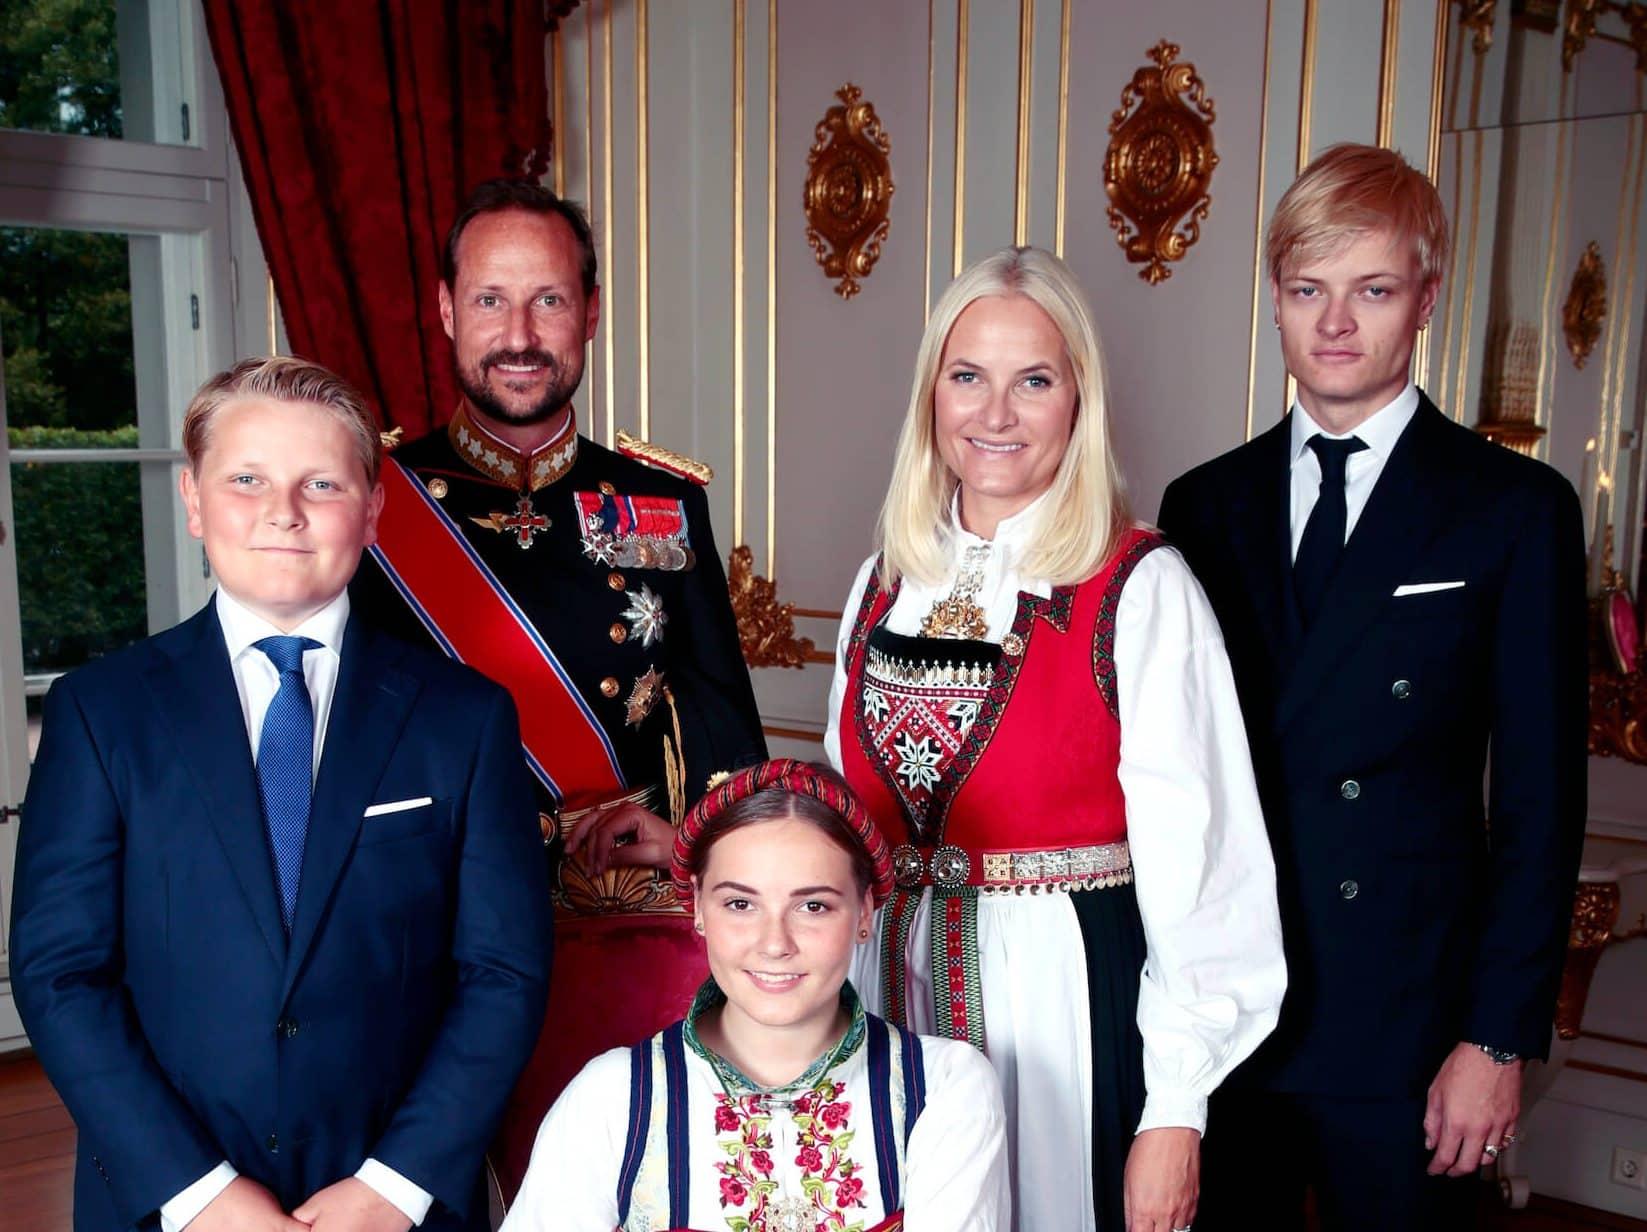 Hochzeit Marius borg